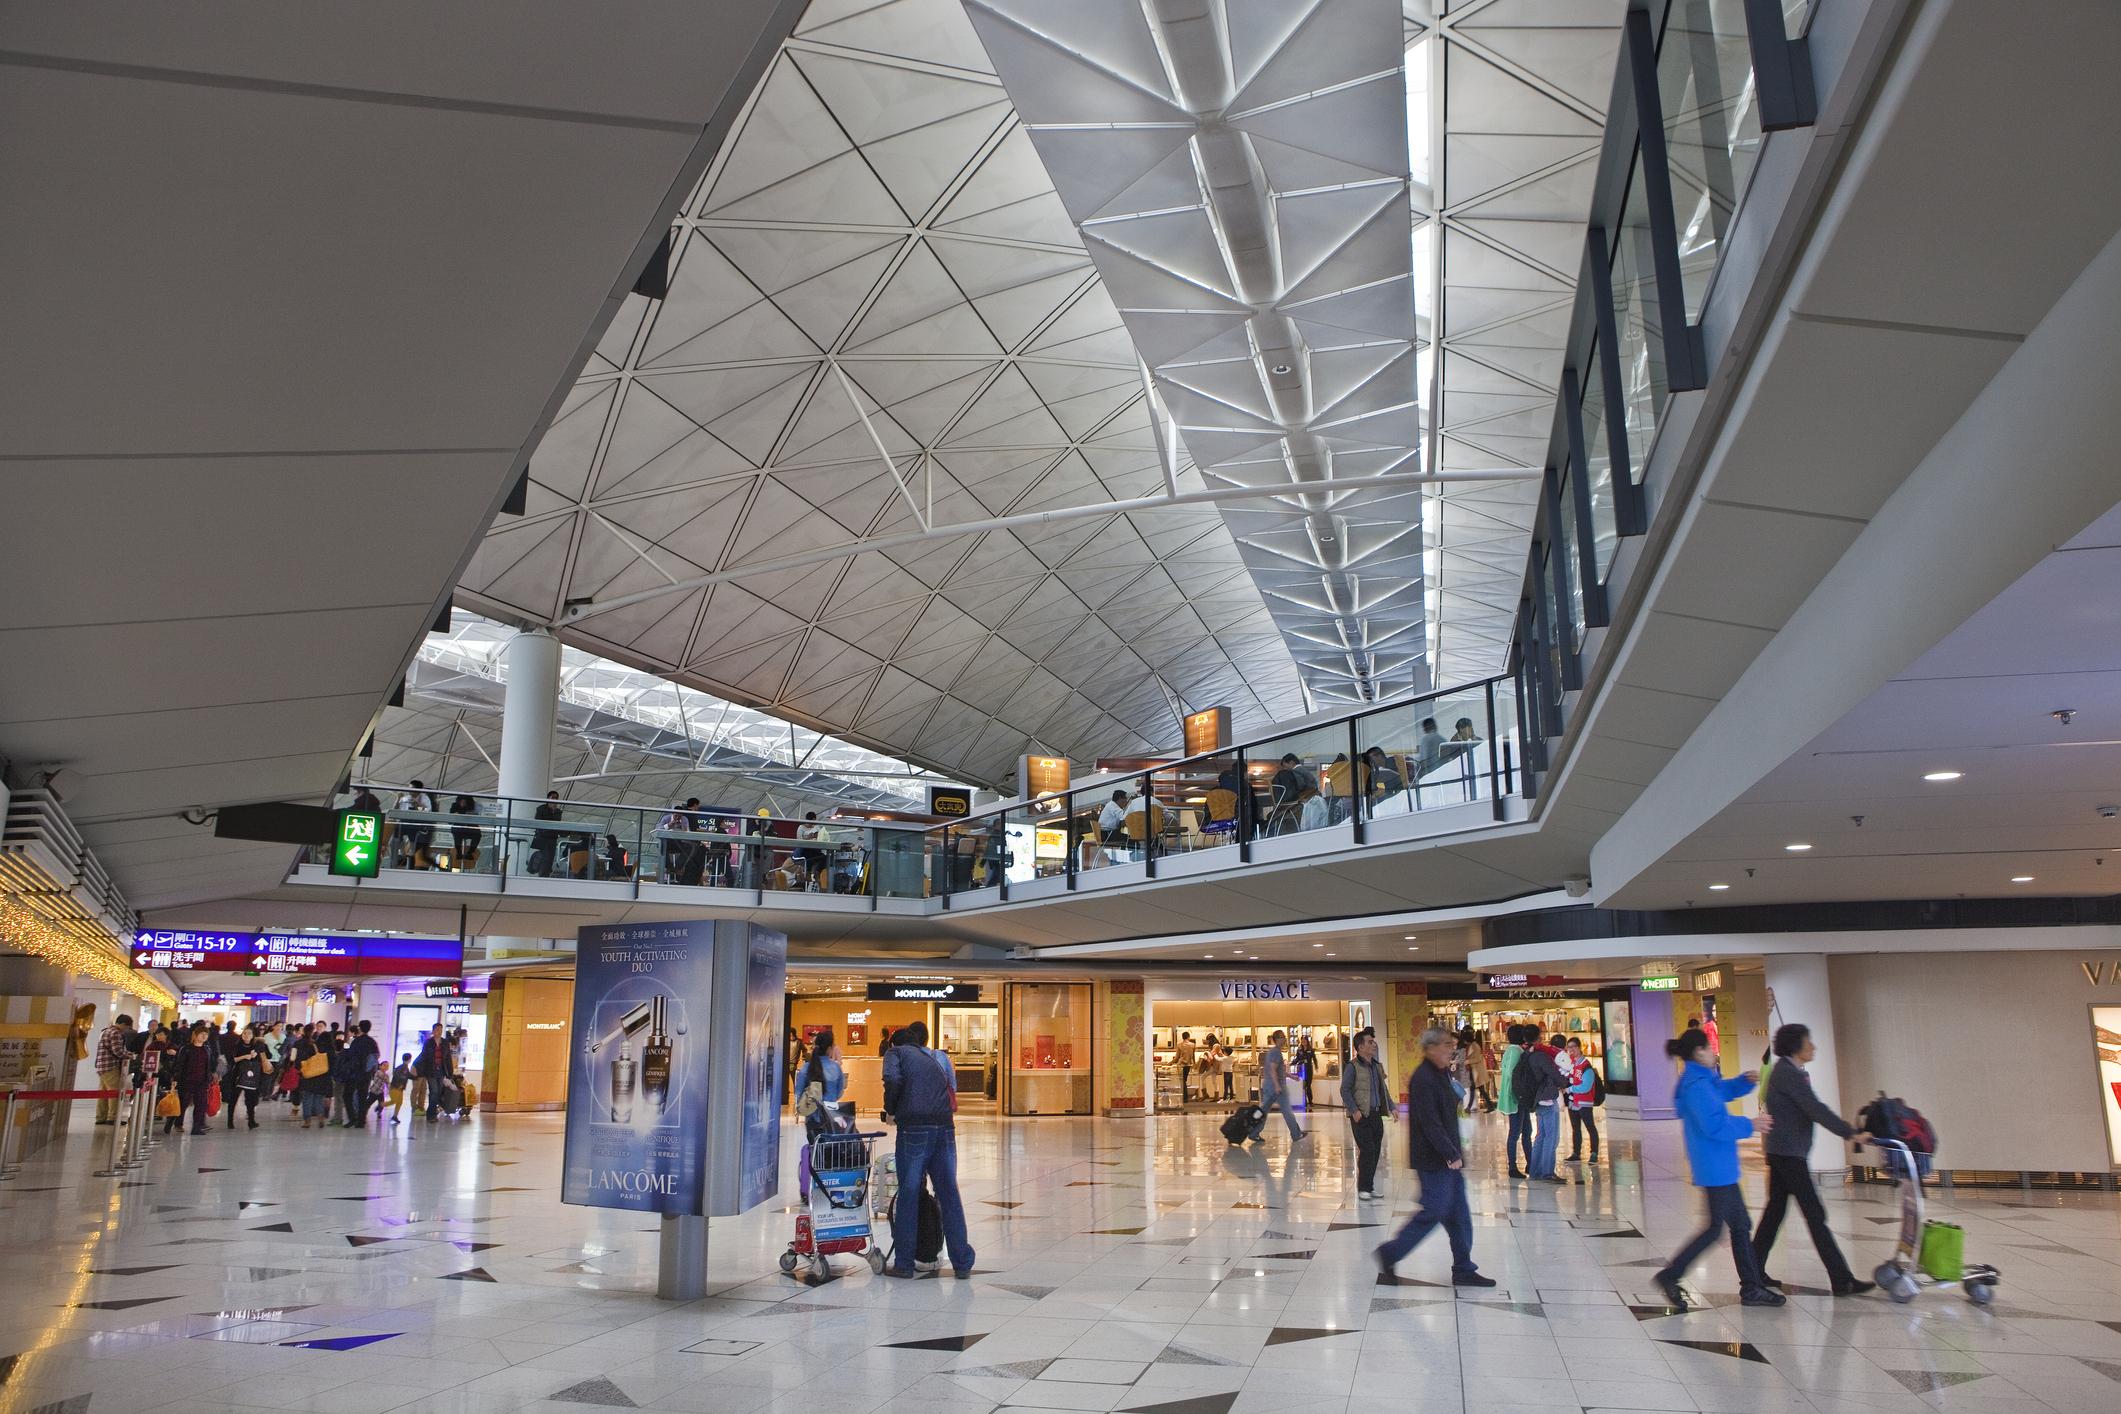 Shopping and dining area at Hong Kong International Airport in Hong Kong, China.